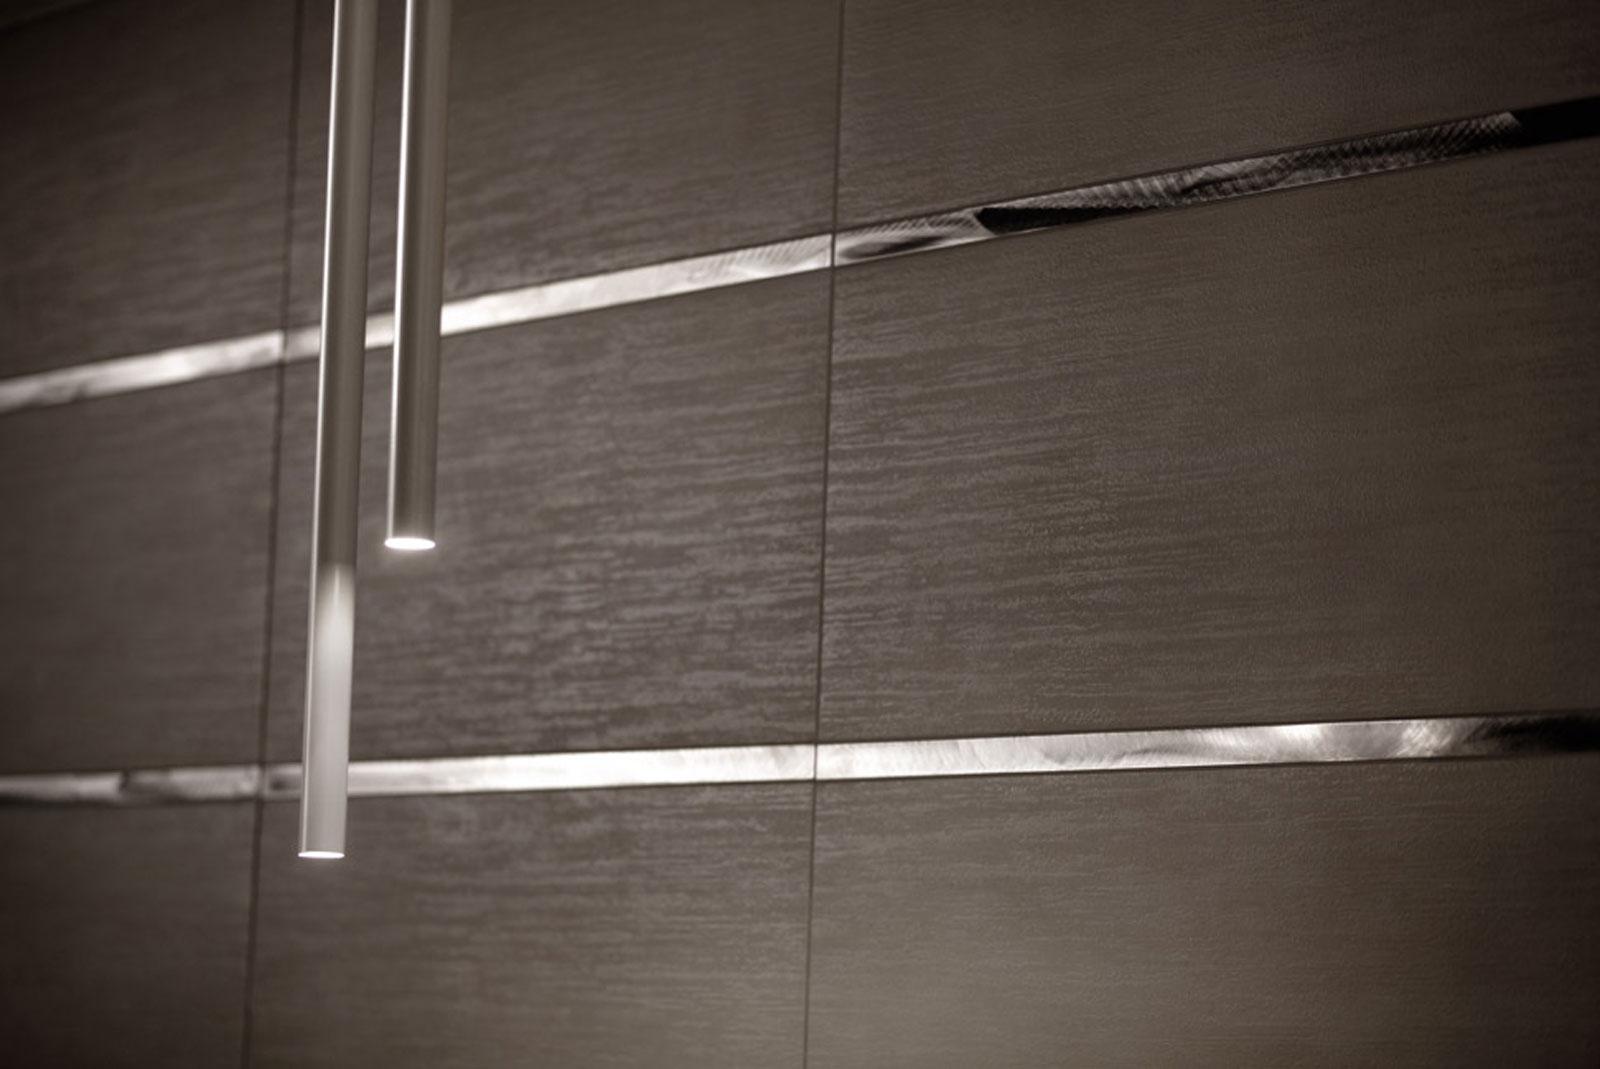 piastrelle nere lucide ~ Comarg.com = Lussuoso Design del Bagno con ...